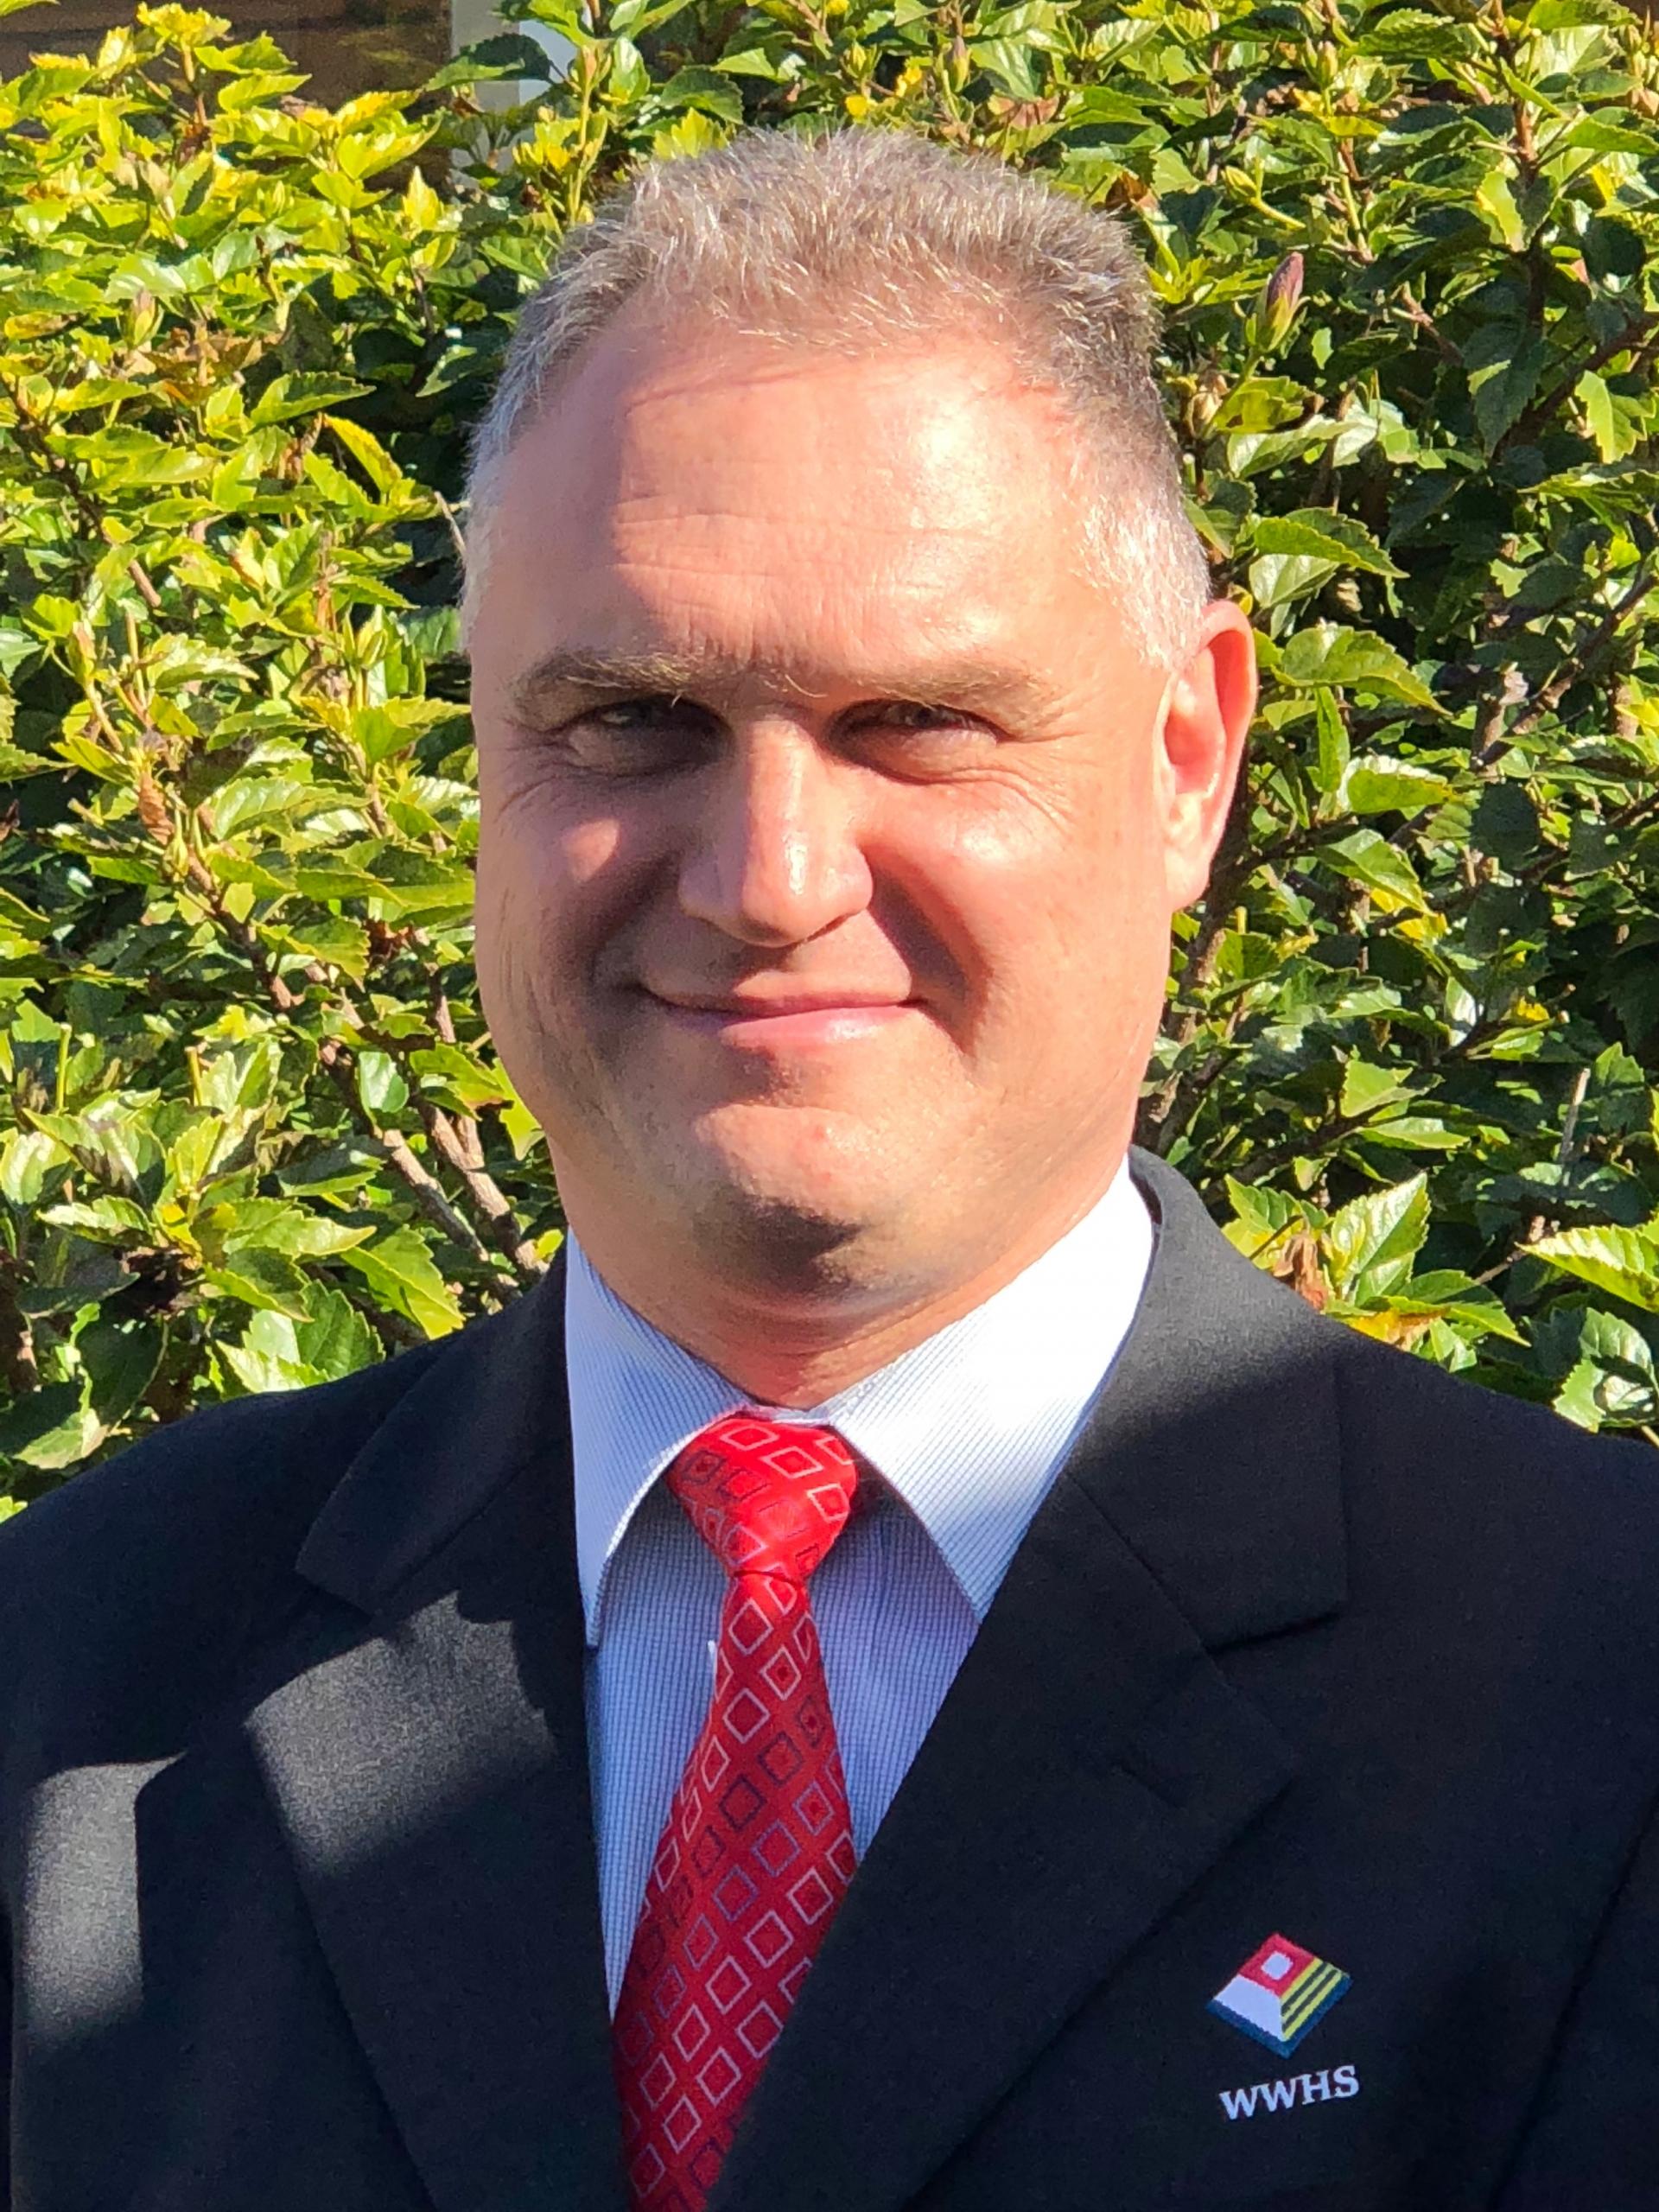 Darren Welsh